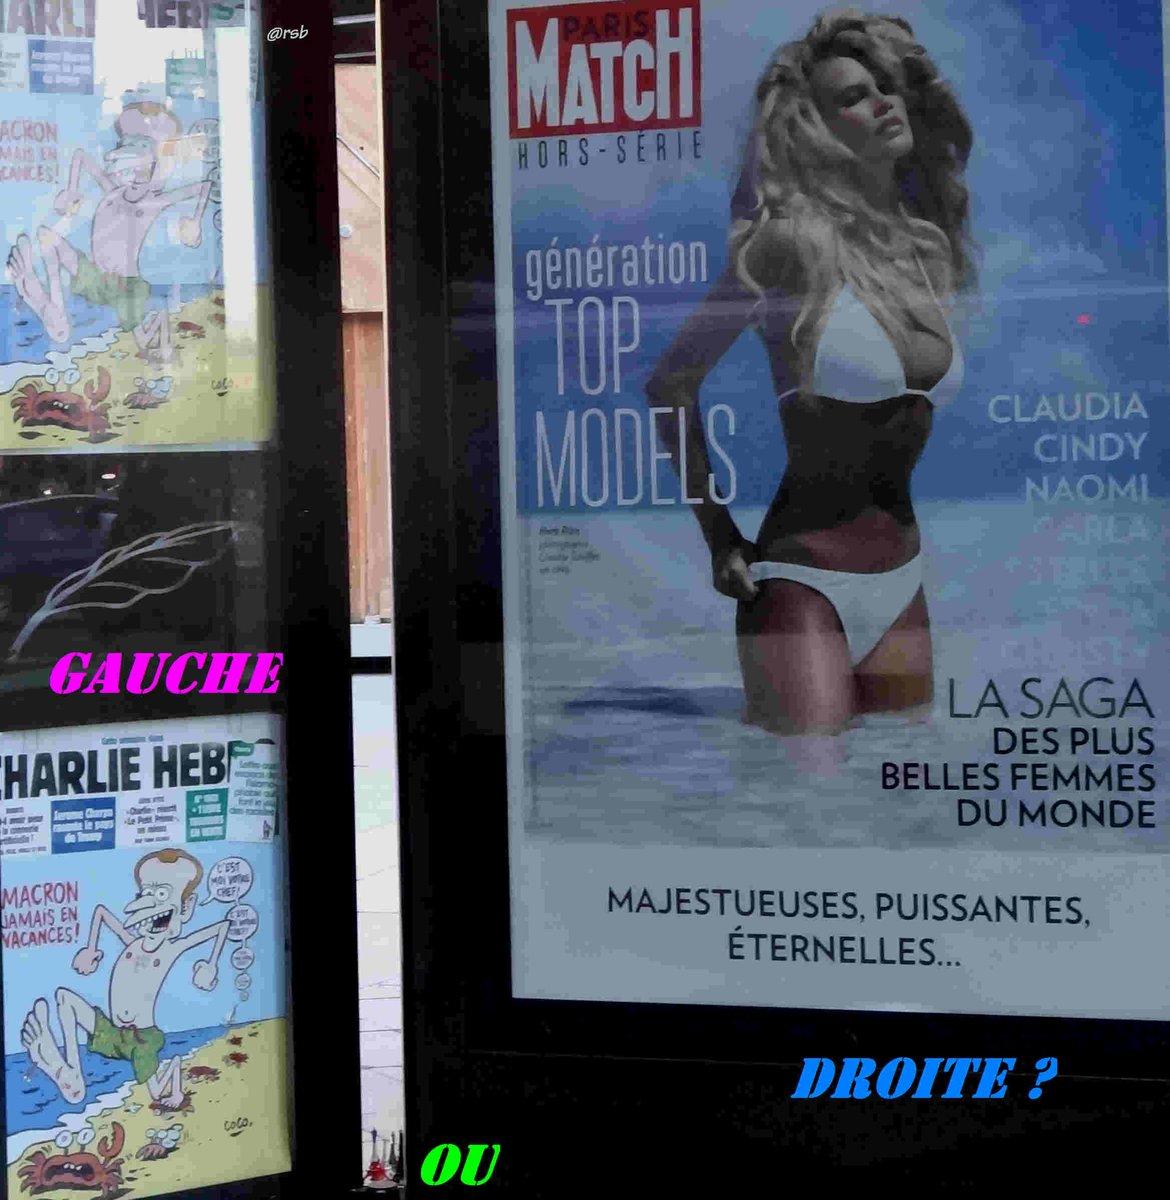 #ParisMatch